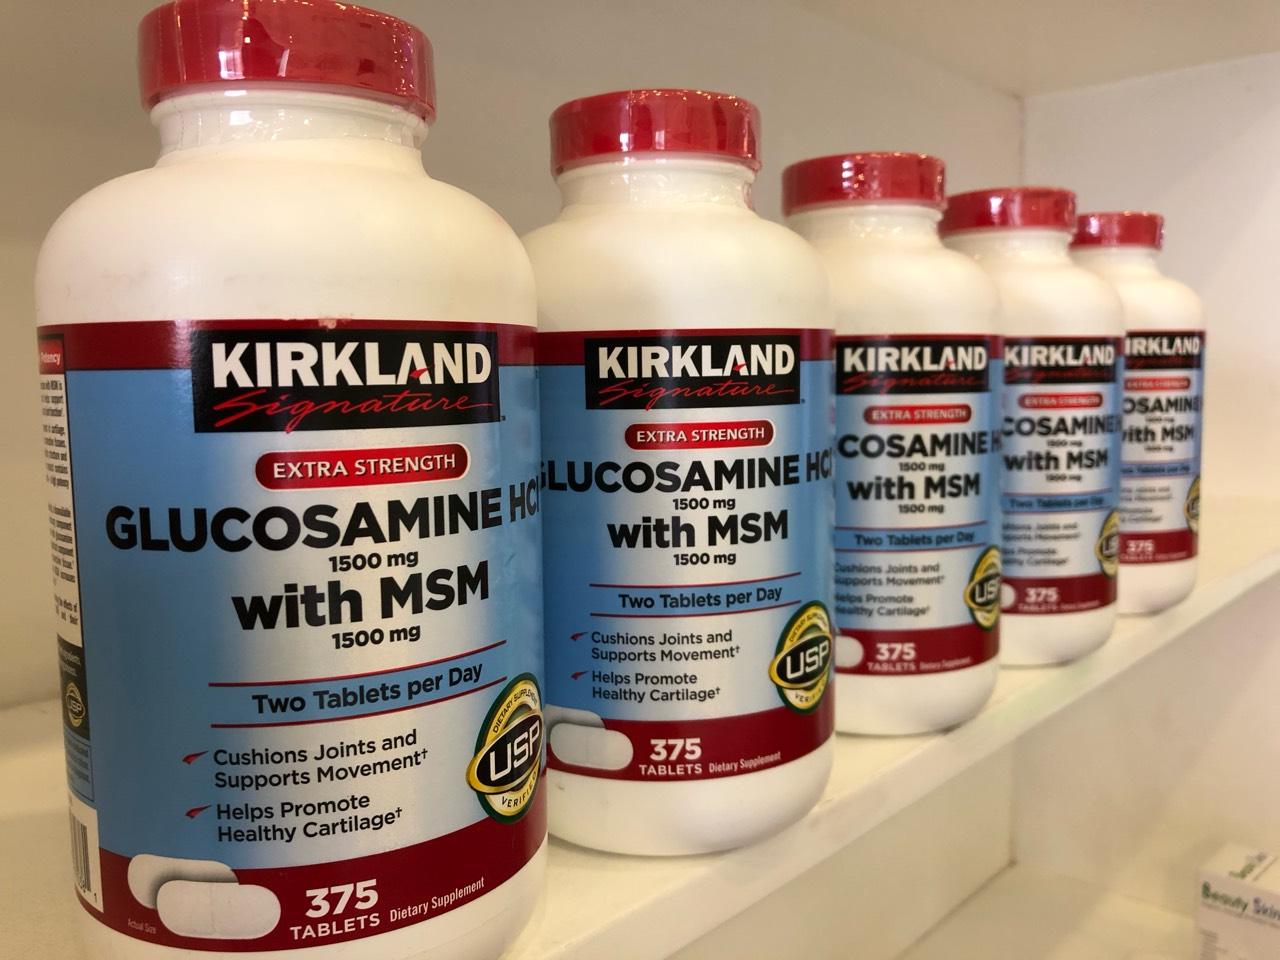 vien-uong-xuong-khop-glucosamine-hcl-1500mg-kirkland